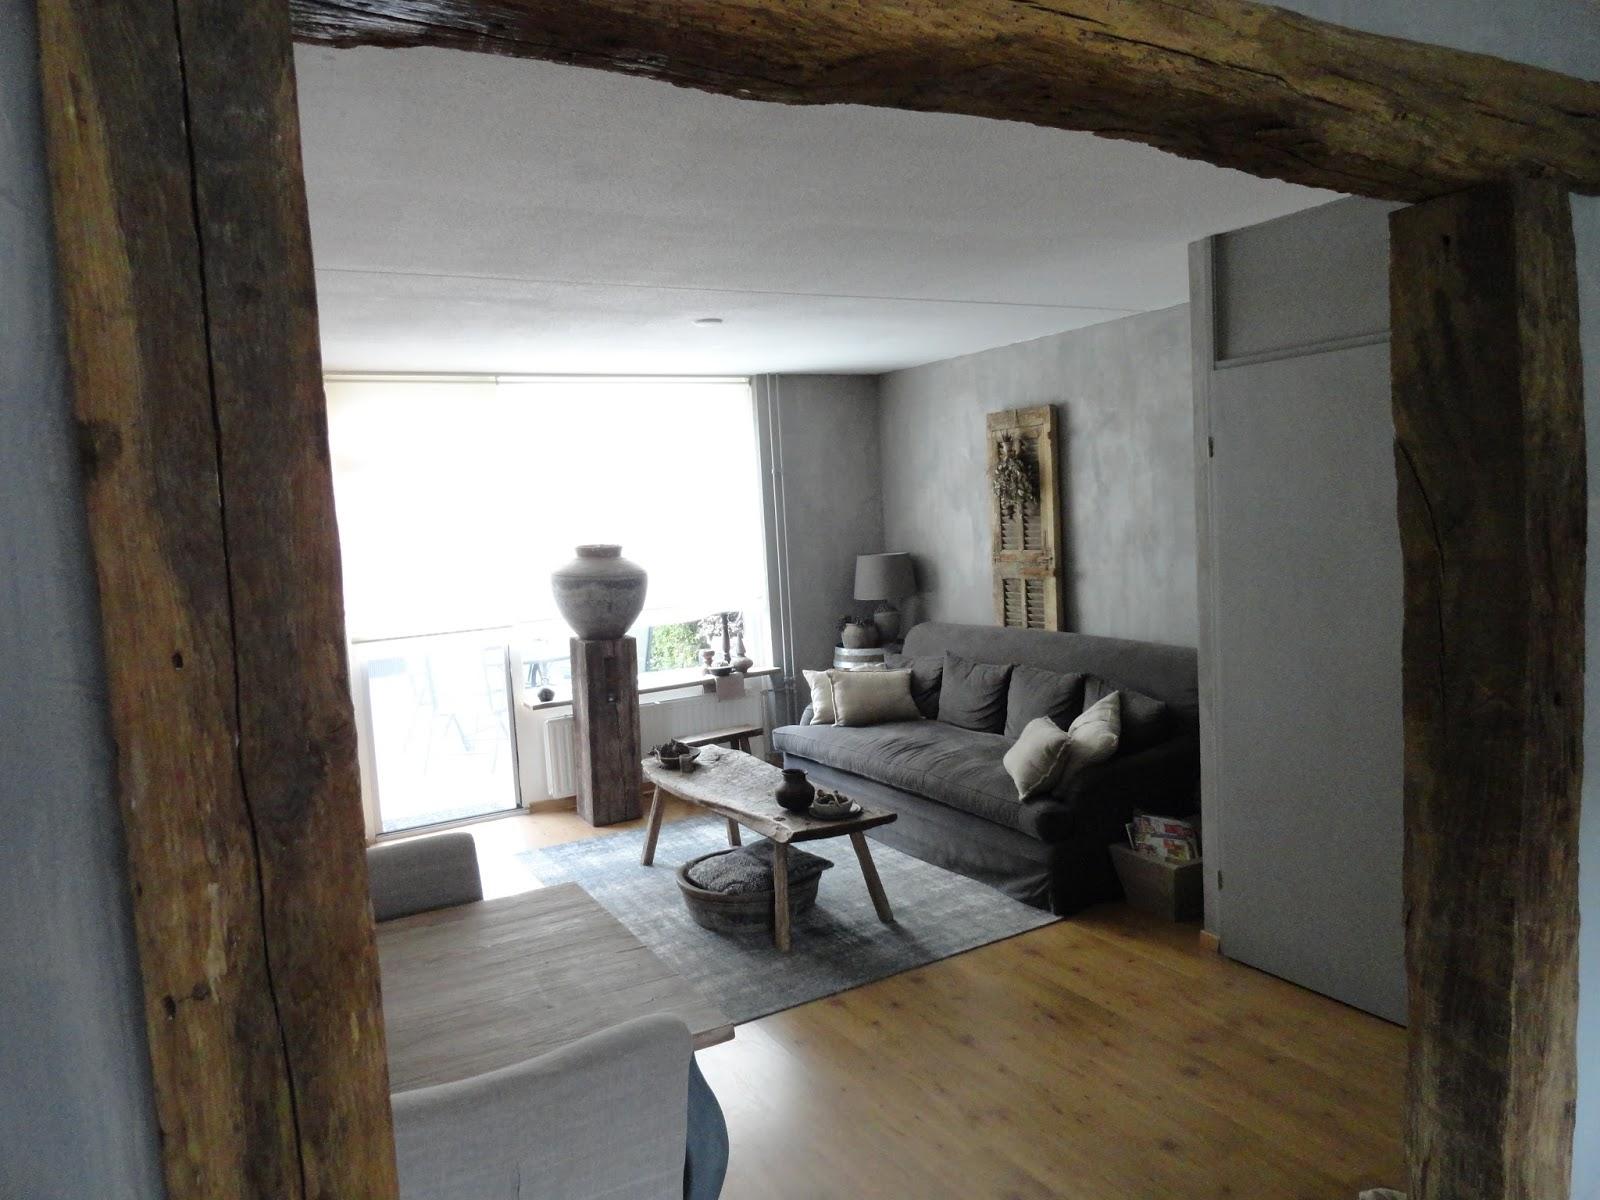 Wonen in je eigen stijl - Tafel woonkamer van de wereld ...